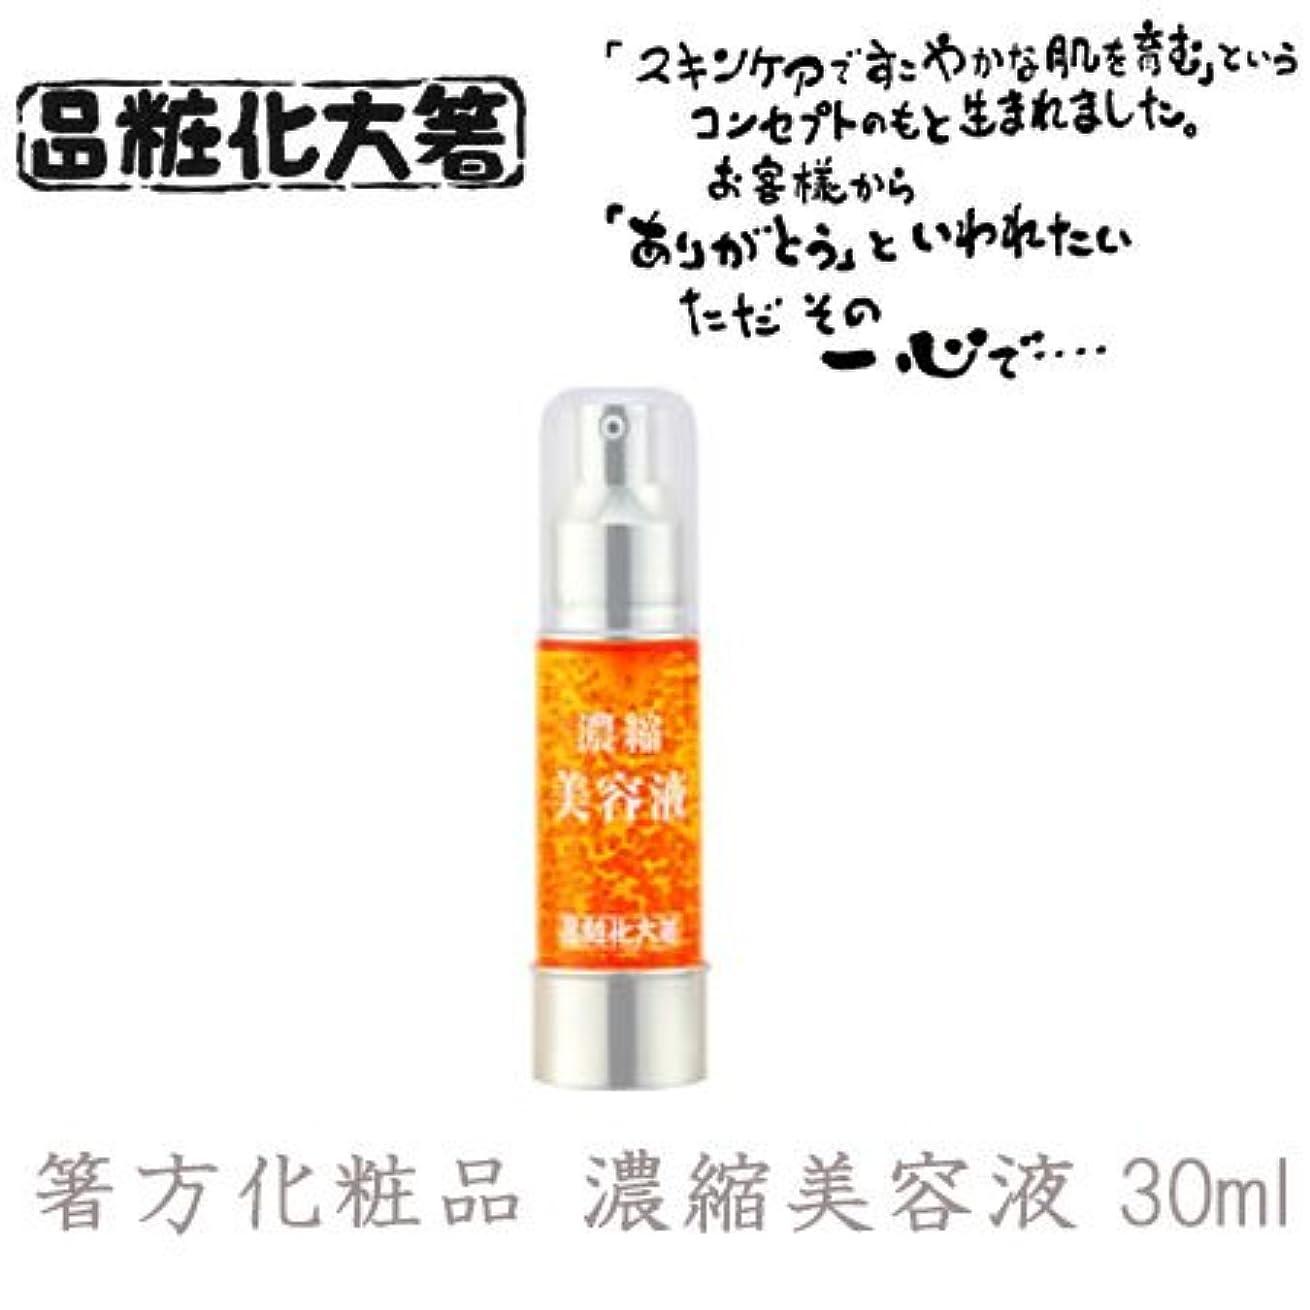 ささやき事前簿記係箸方化粧品 濃縮美容液 30ml はしかた化粧品